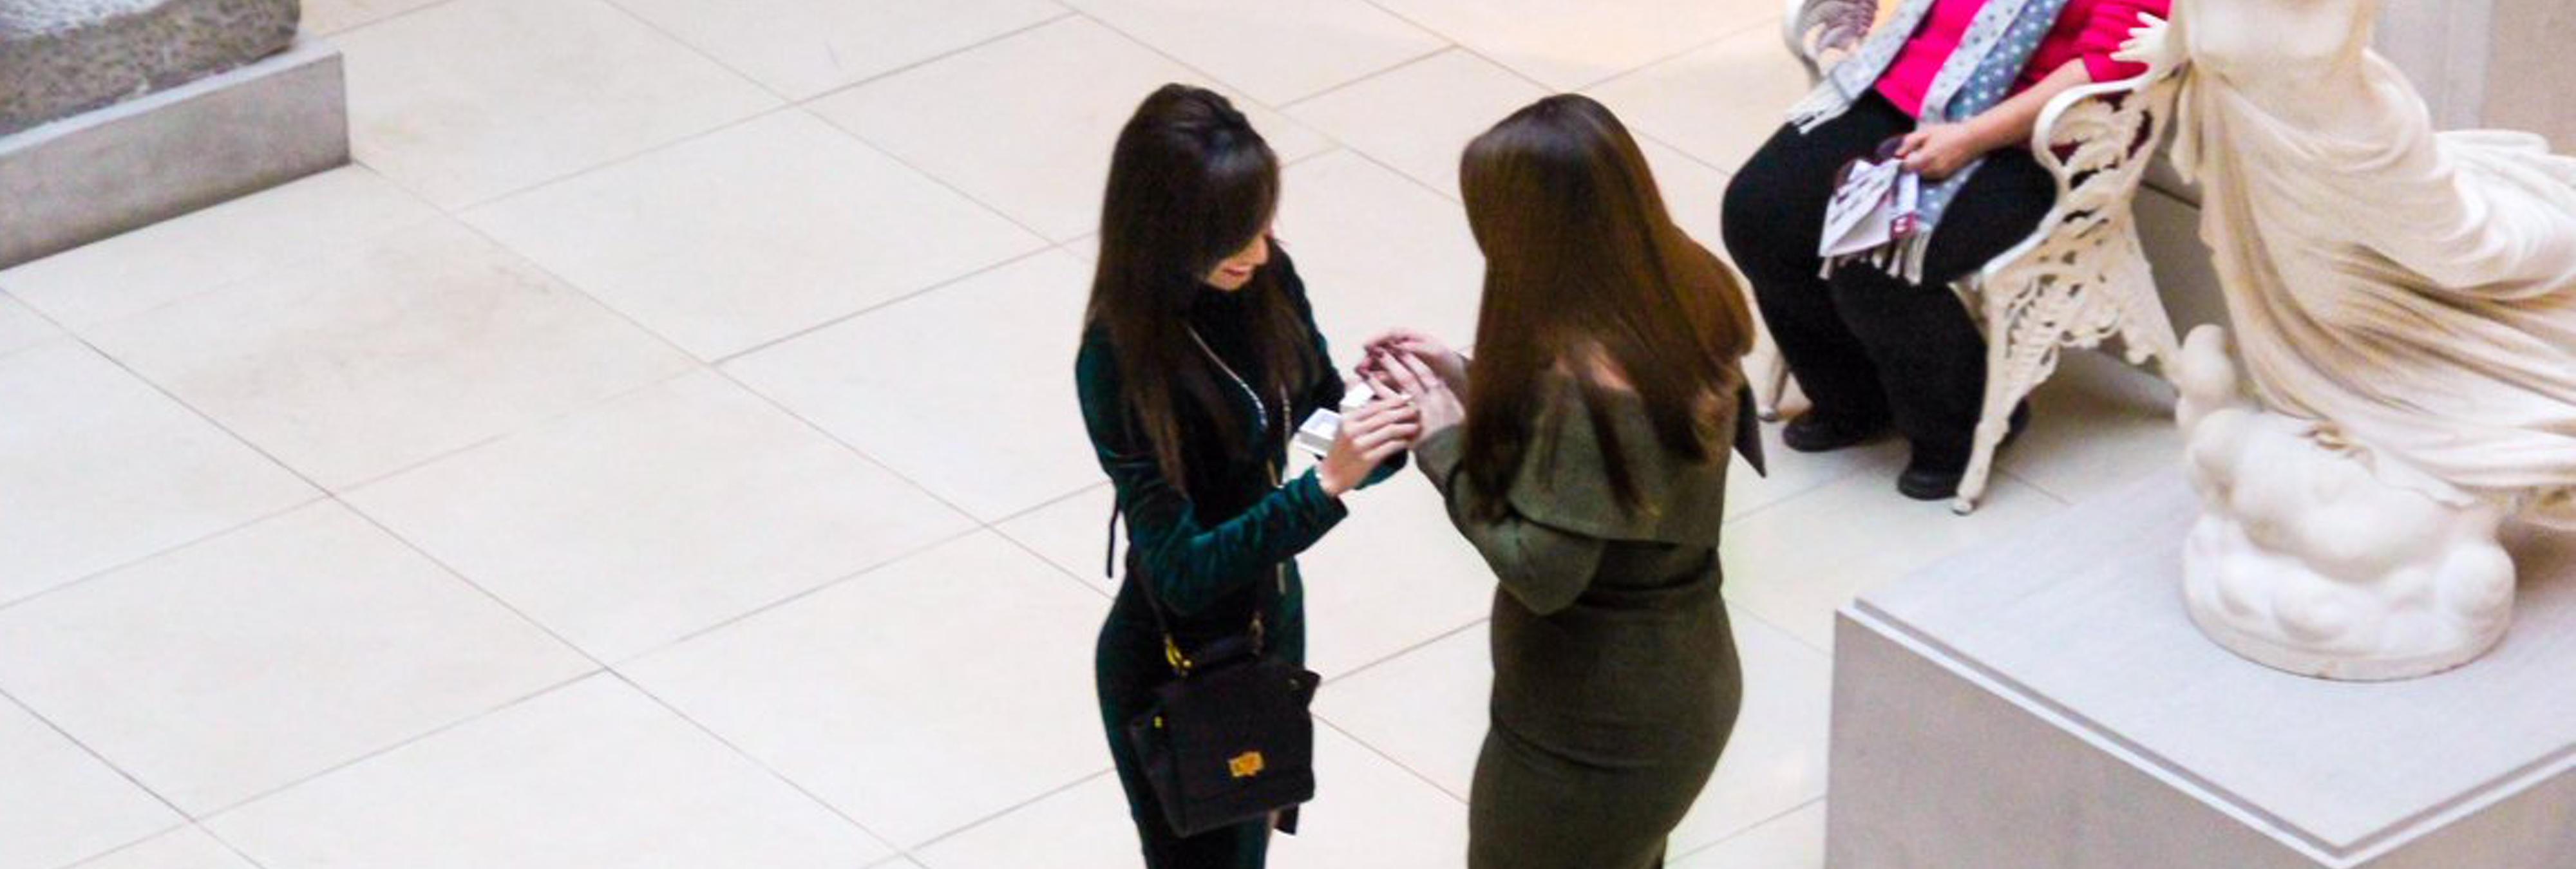 La increíble reacción de esta señora al presenciar una pedida de mano entre dos mujeres